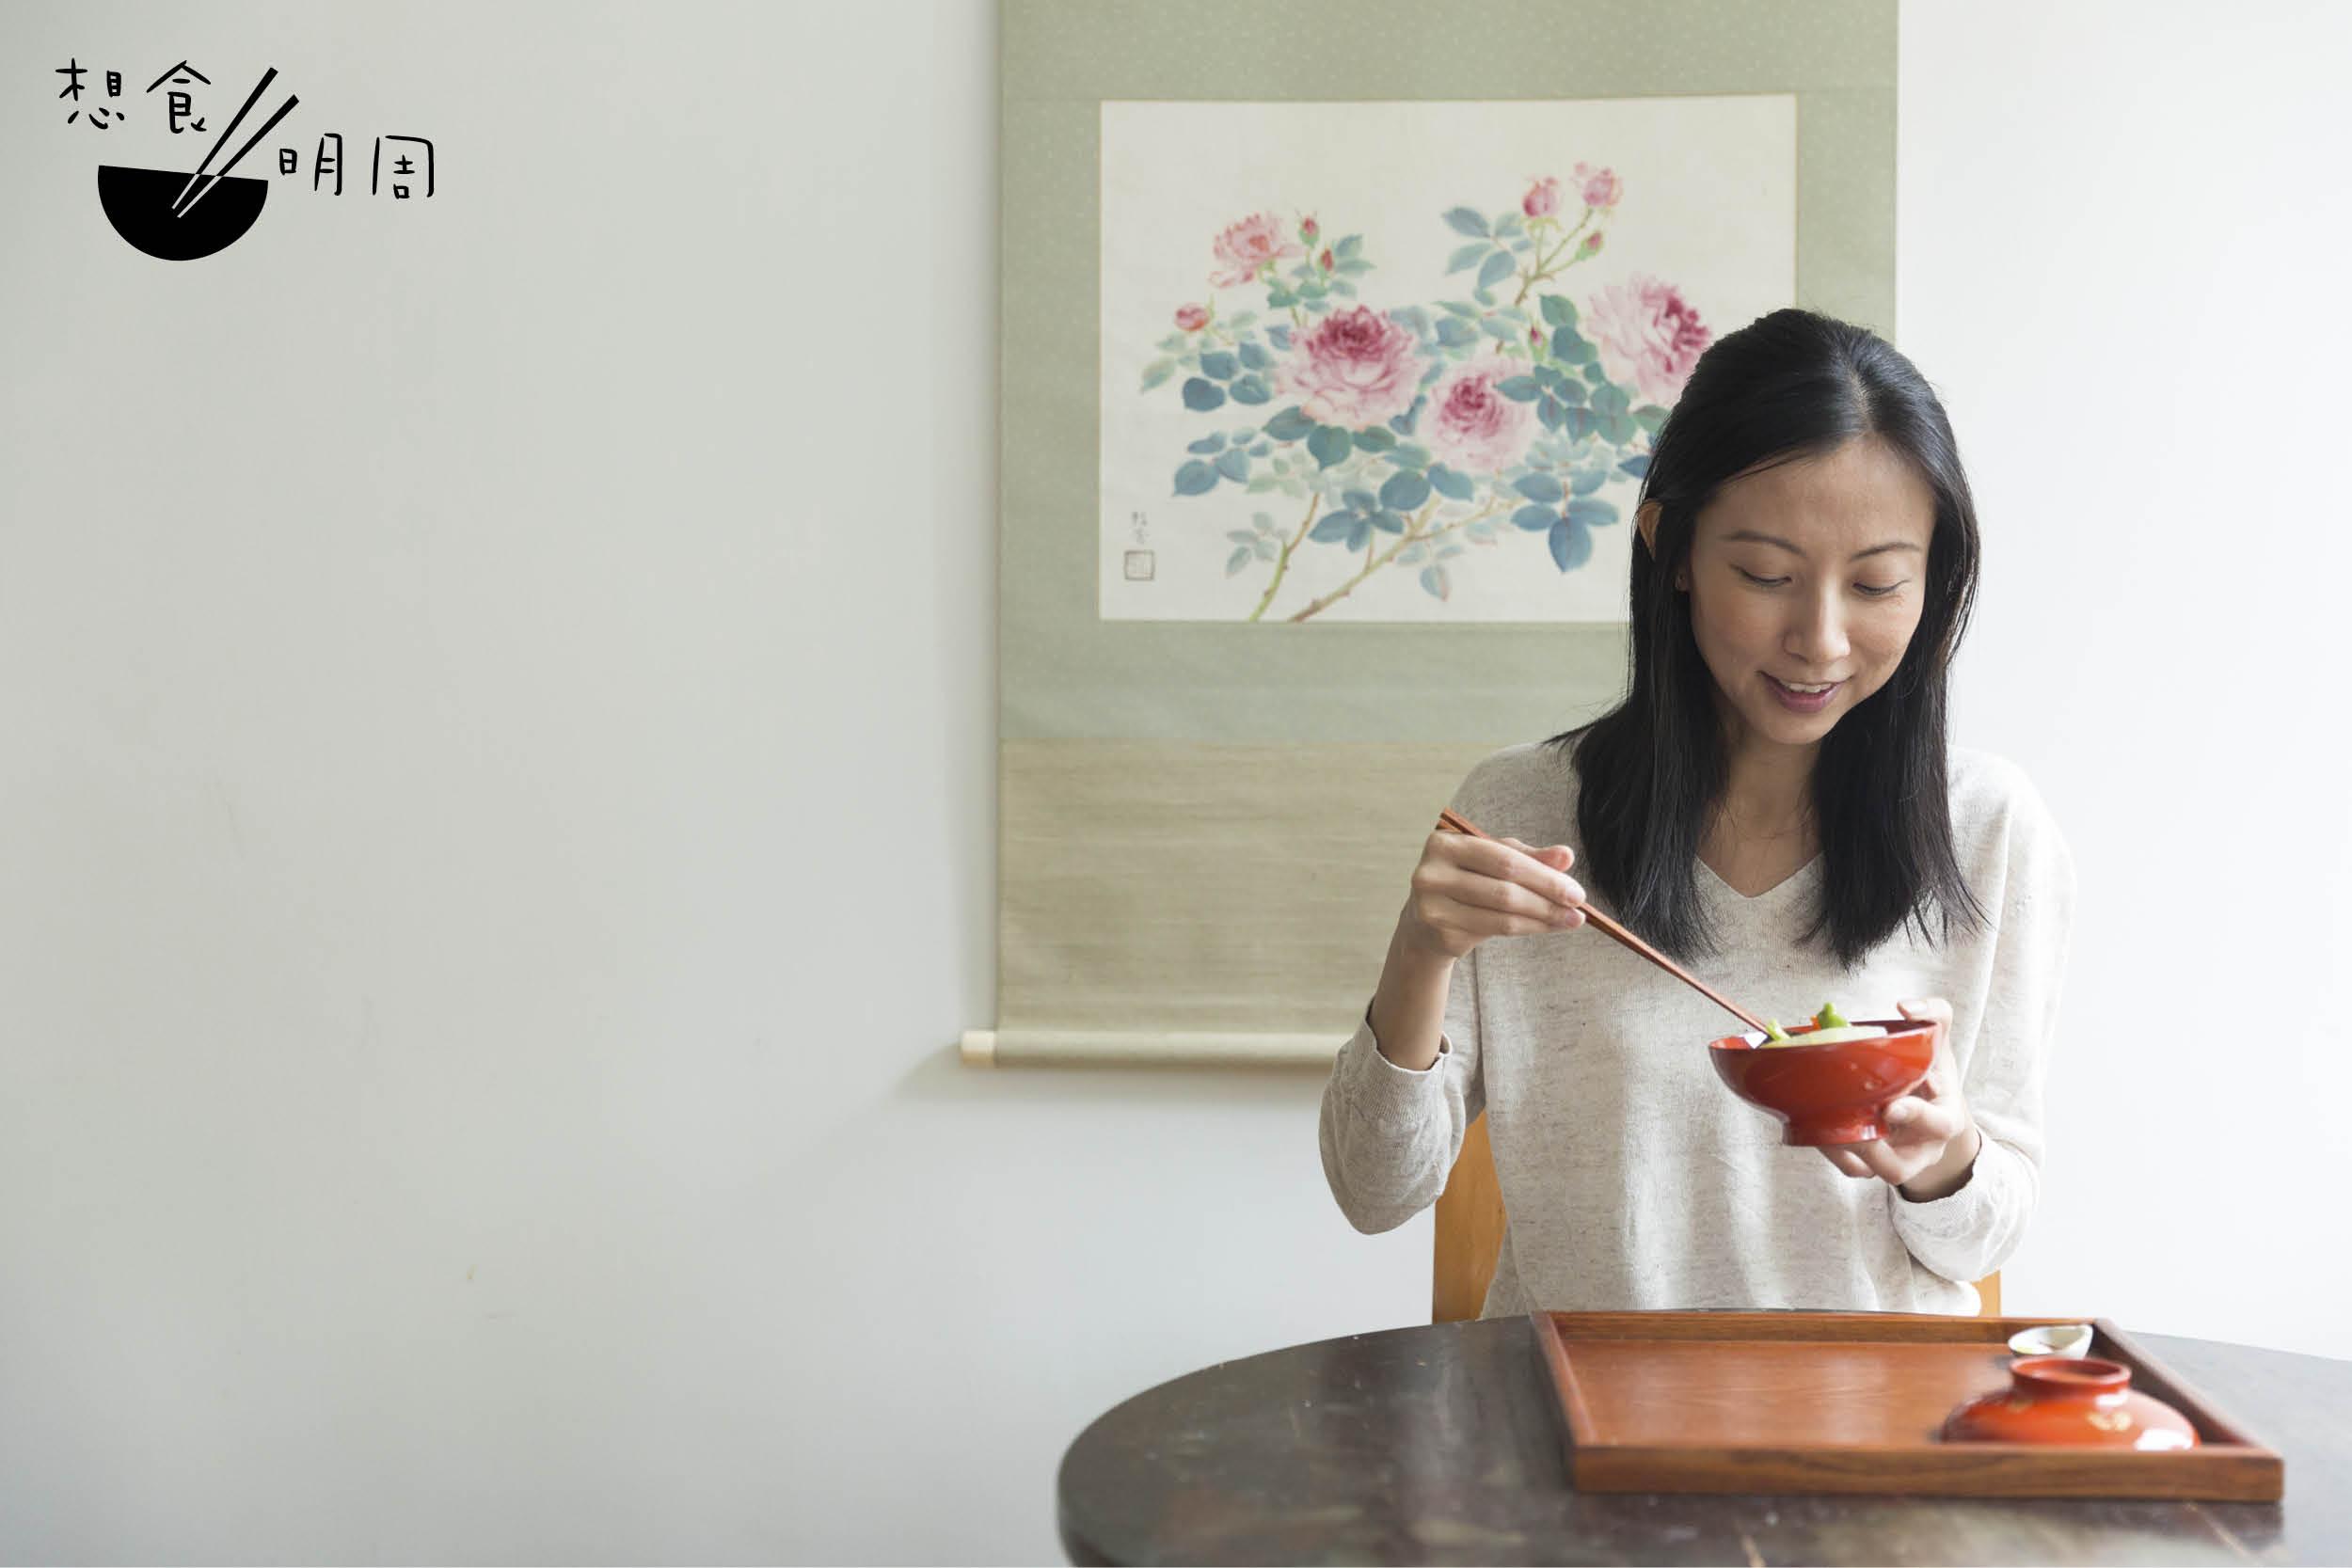 何穎怡(岸本太太,洋名:Wing)早年因緣認識食養料理的自然飲食法,經多年研習及進修後,整理出個人心得,透過開班講學分享理論及料理方式。